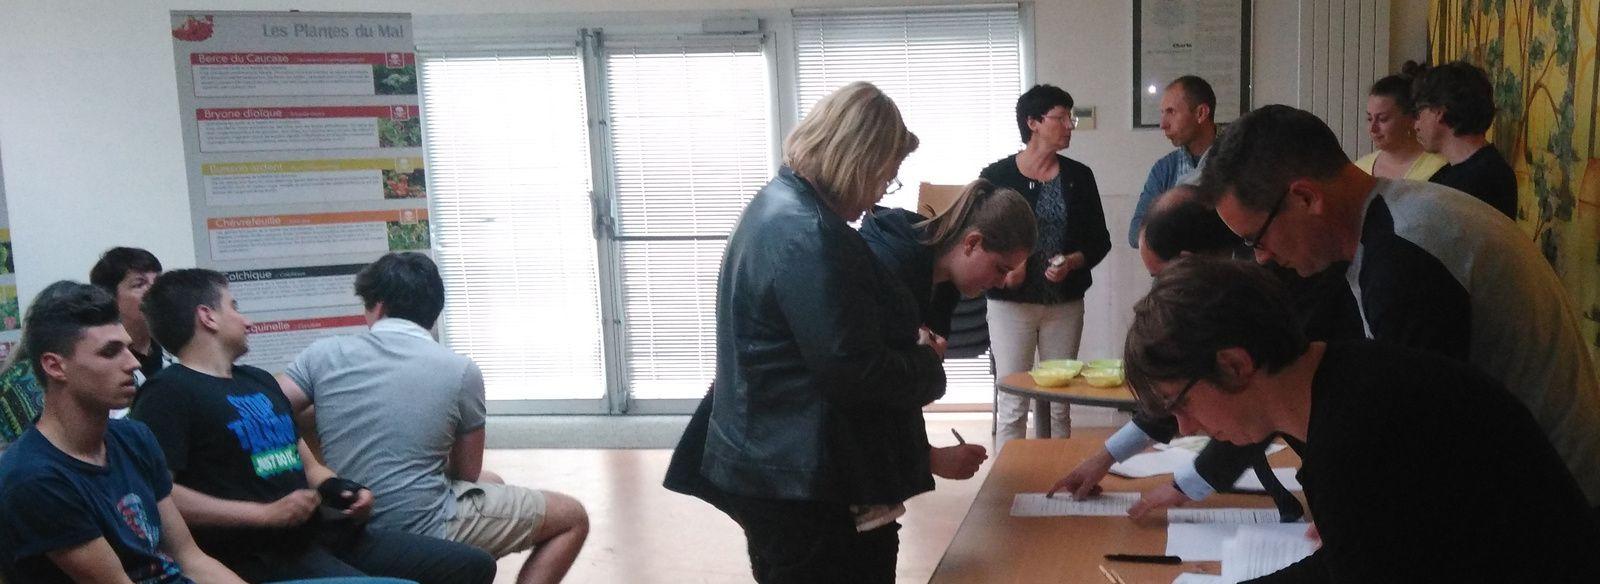 10 contrats Jobs d'été à St Aubin de Médoc